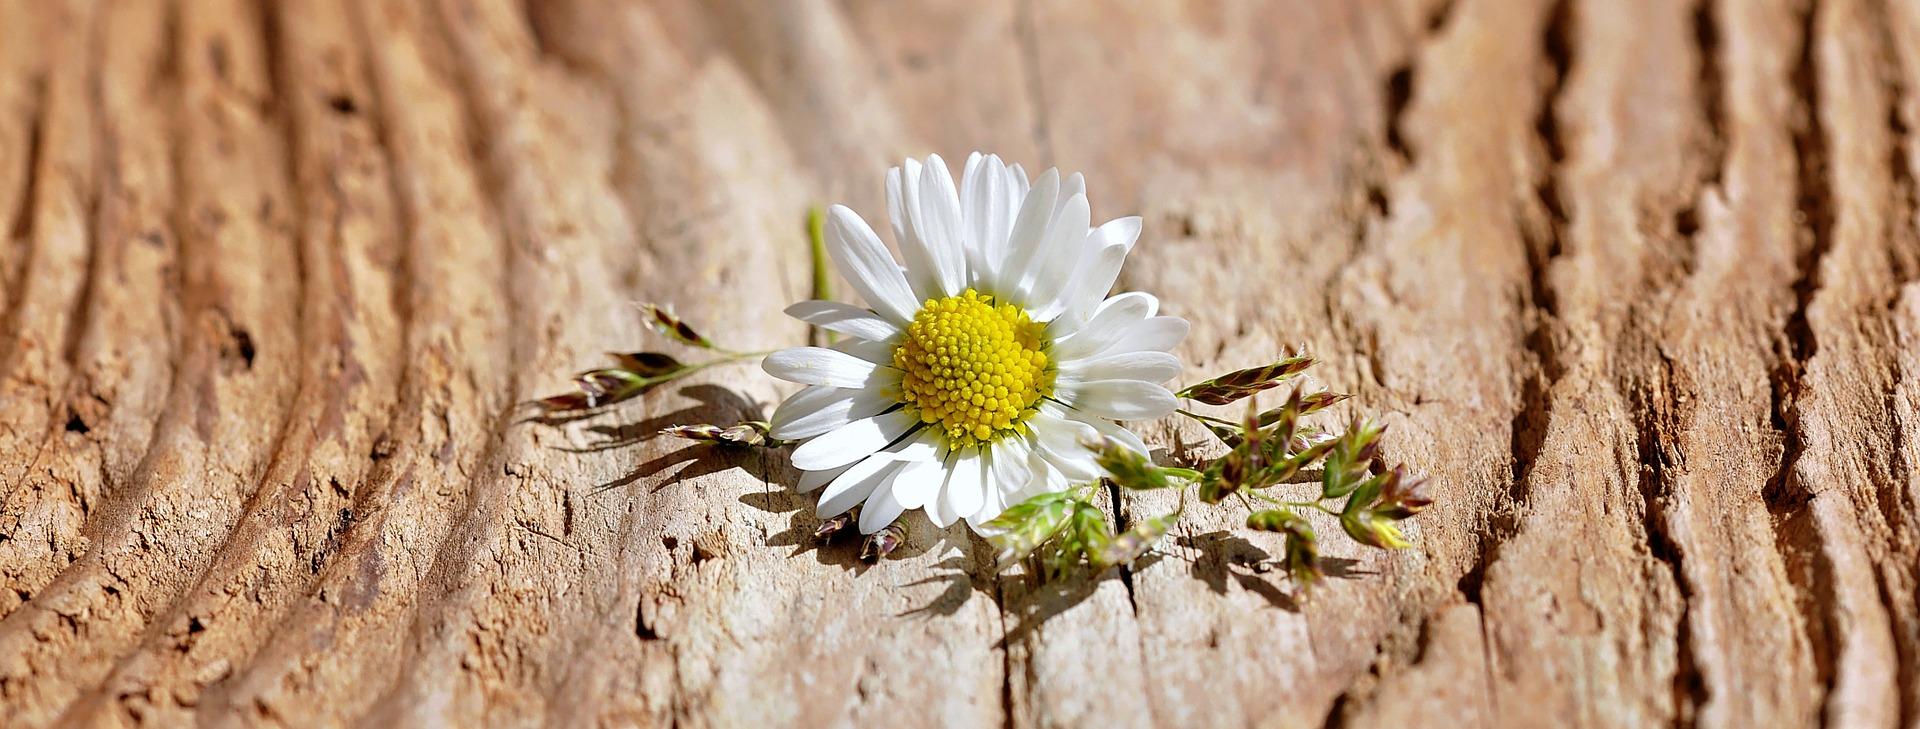 flower-747367_1920